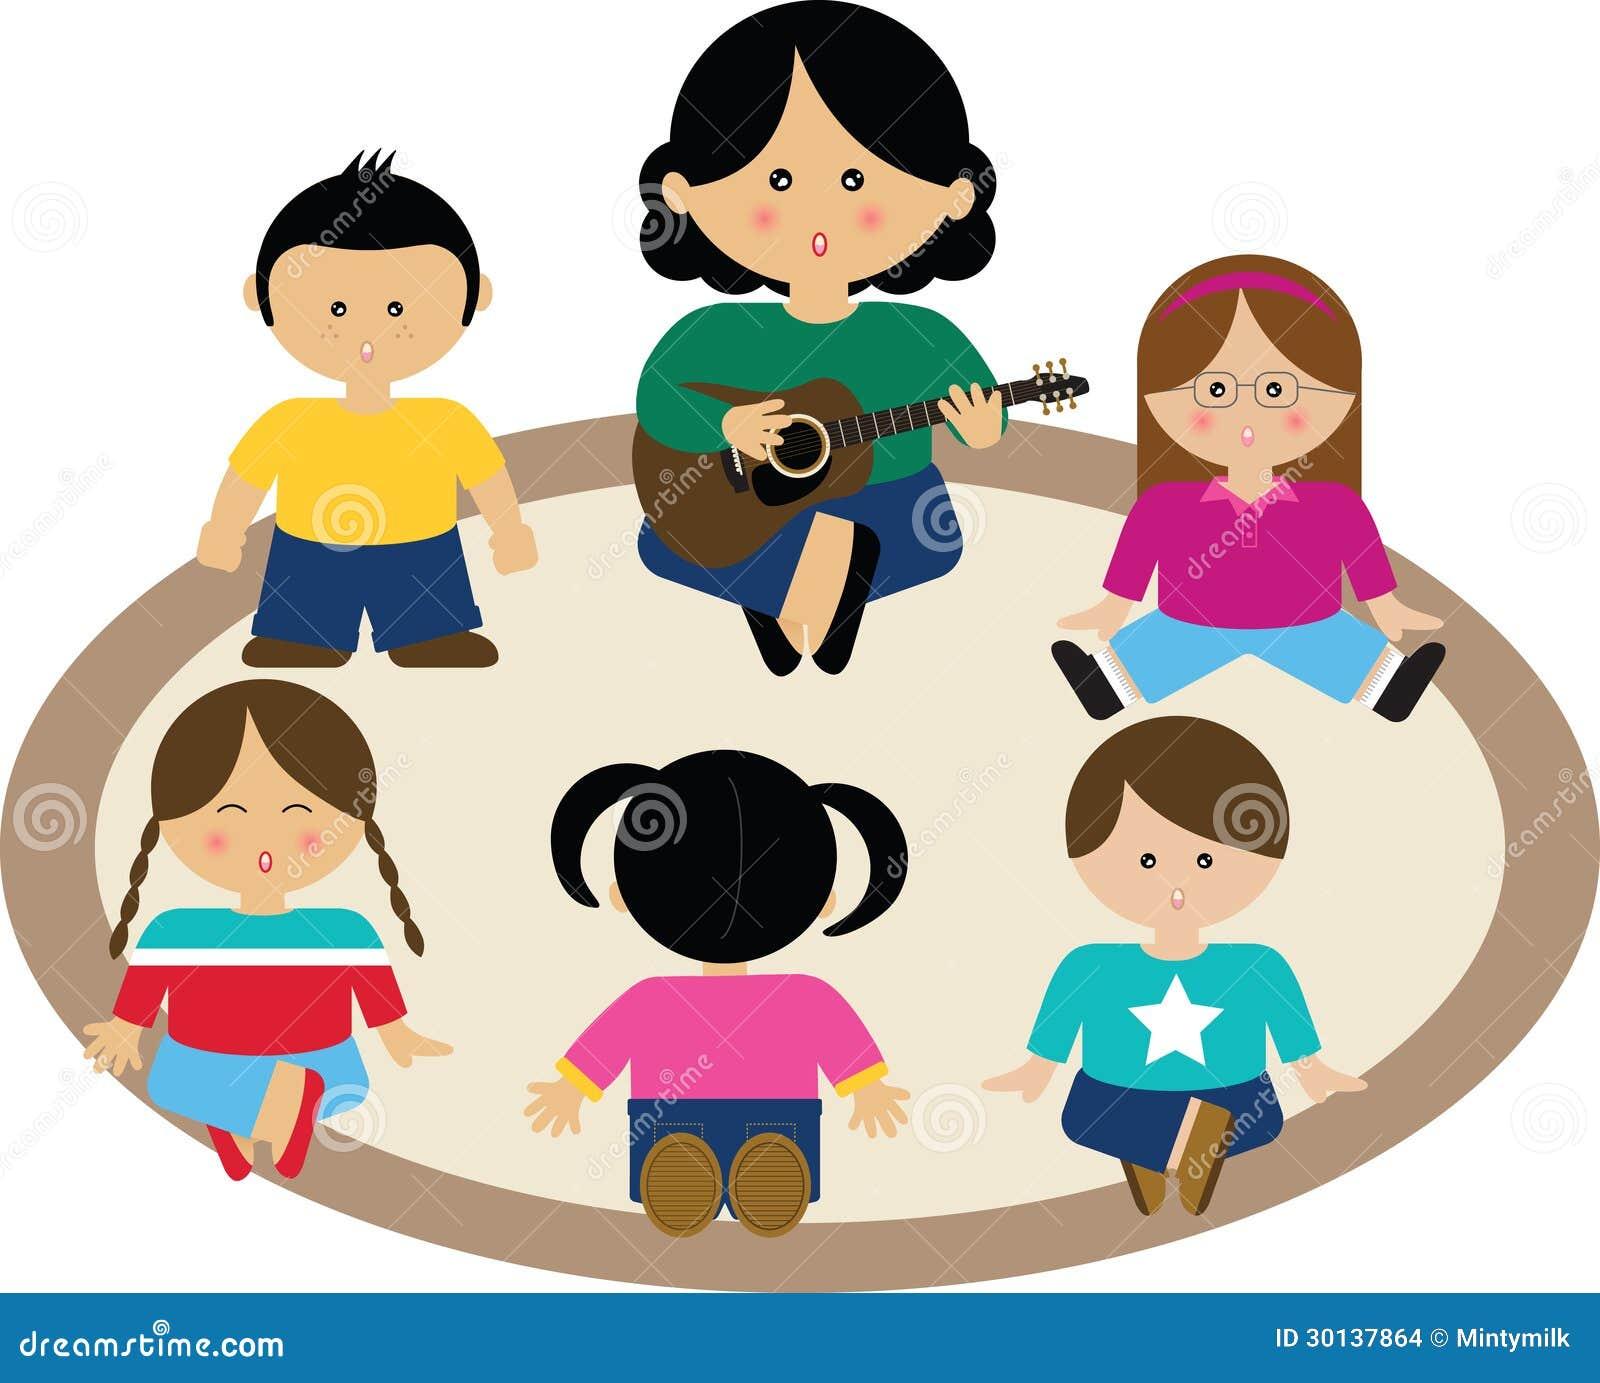 Kinder Die Gruppe Singen Stock Abbildung Illustration